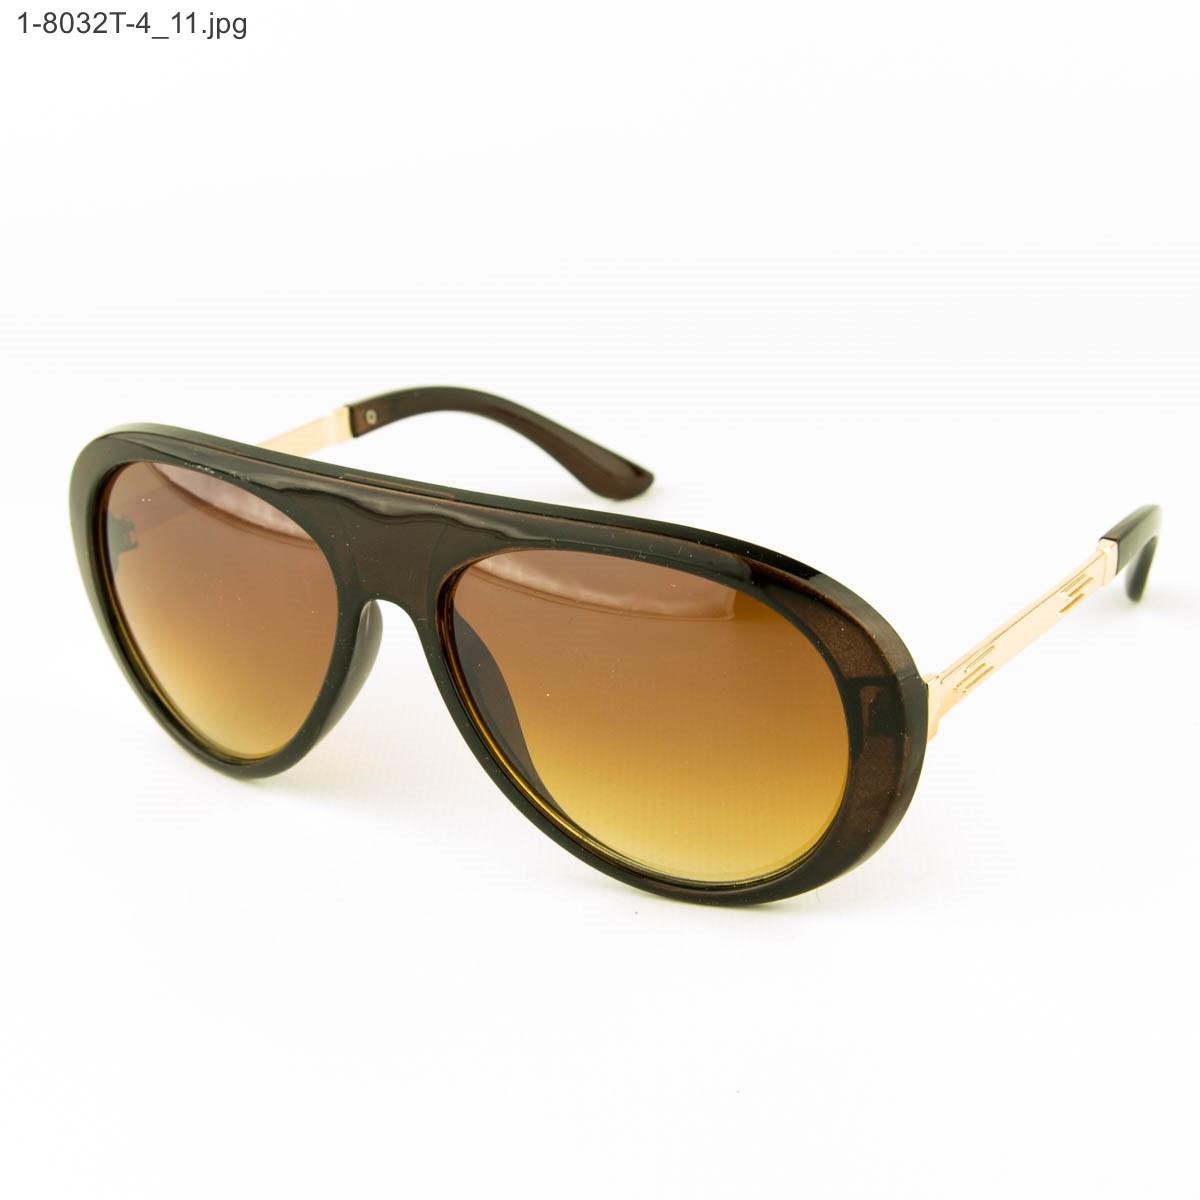 Стильные солнцезащитные очки - Коричневые - 1-8032Т-4